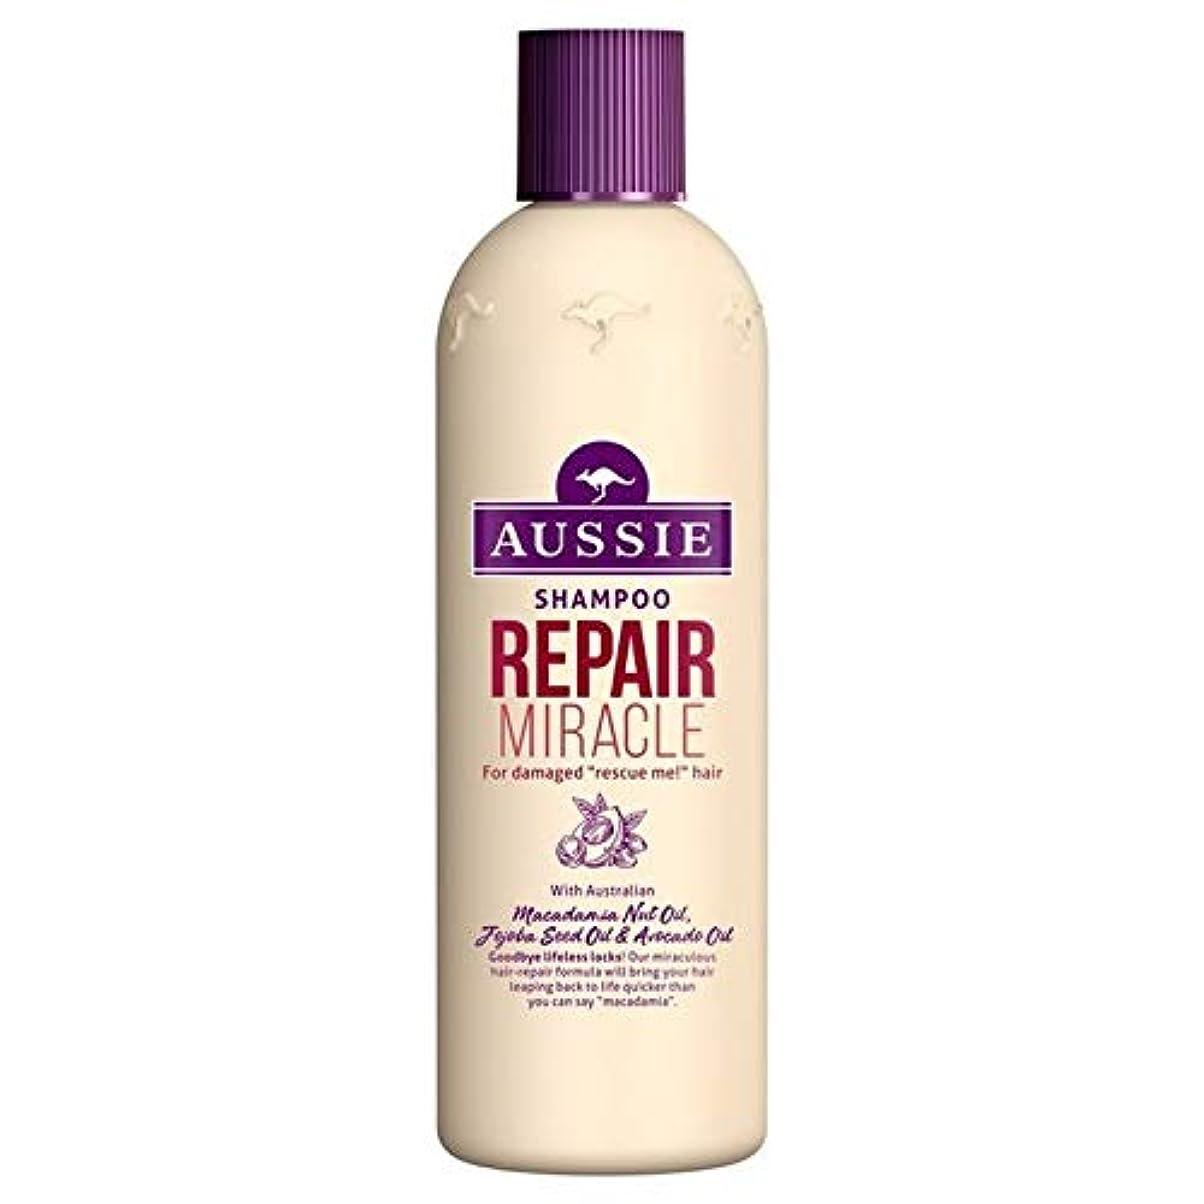 壮大実験をする橋脚[Aussie ] いたずらな髪の300ミリリットルのすべての種類のオージーシャンプーの修理の奇跡 - Aussie Shampoo Repair Miracle for All Kinds of Naughty Hair...